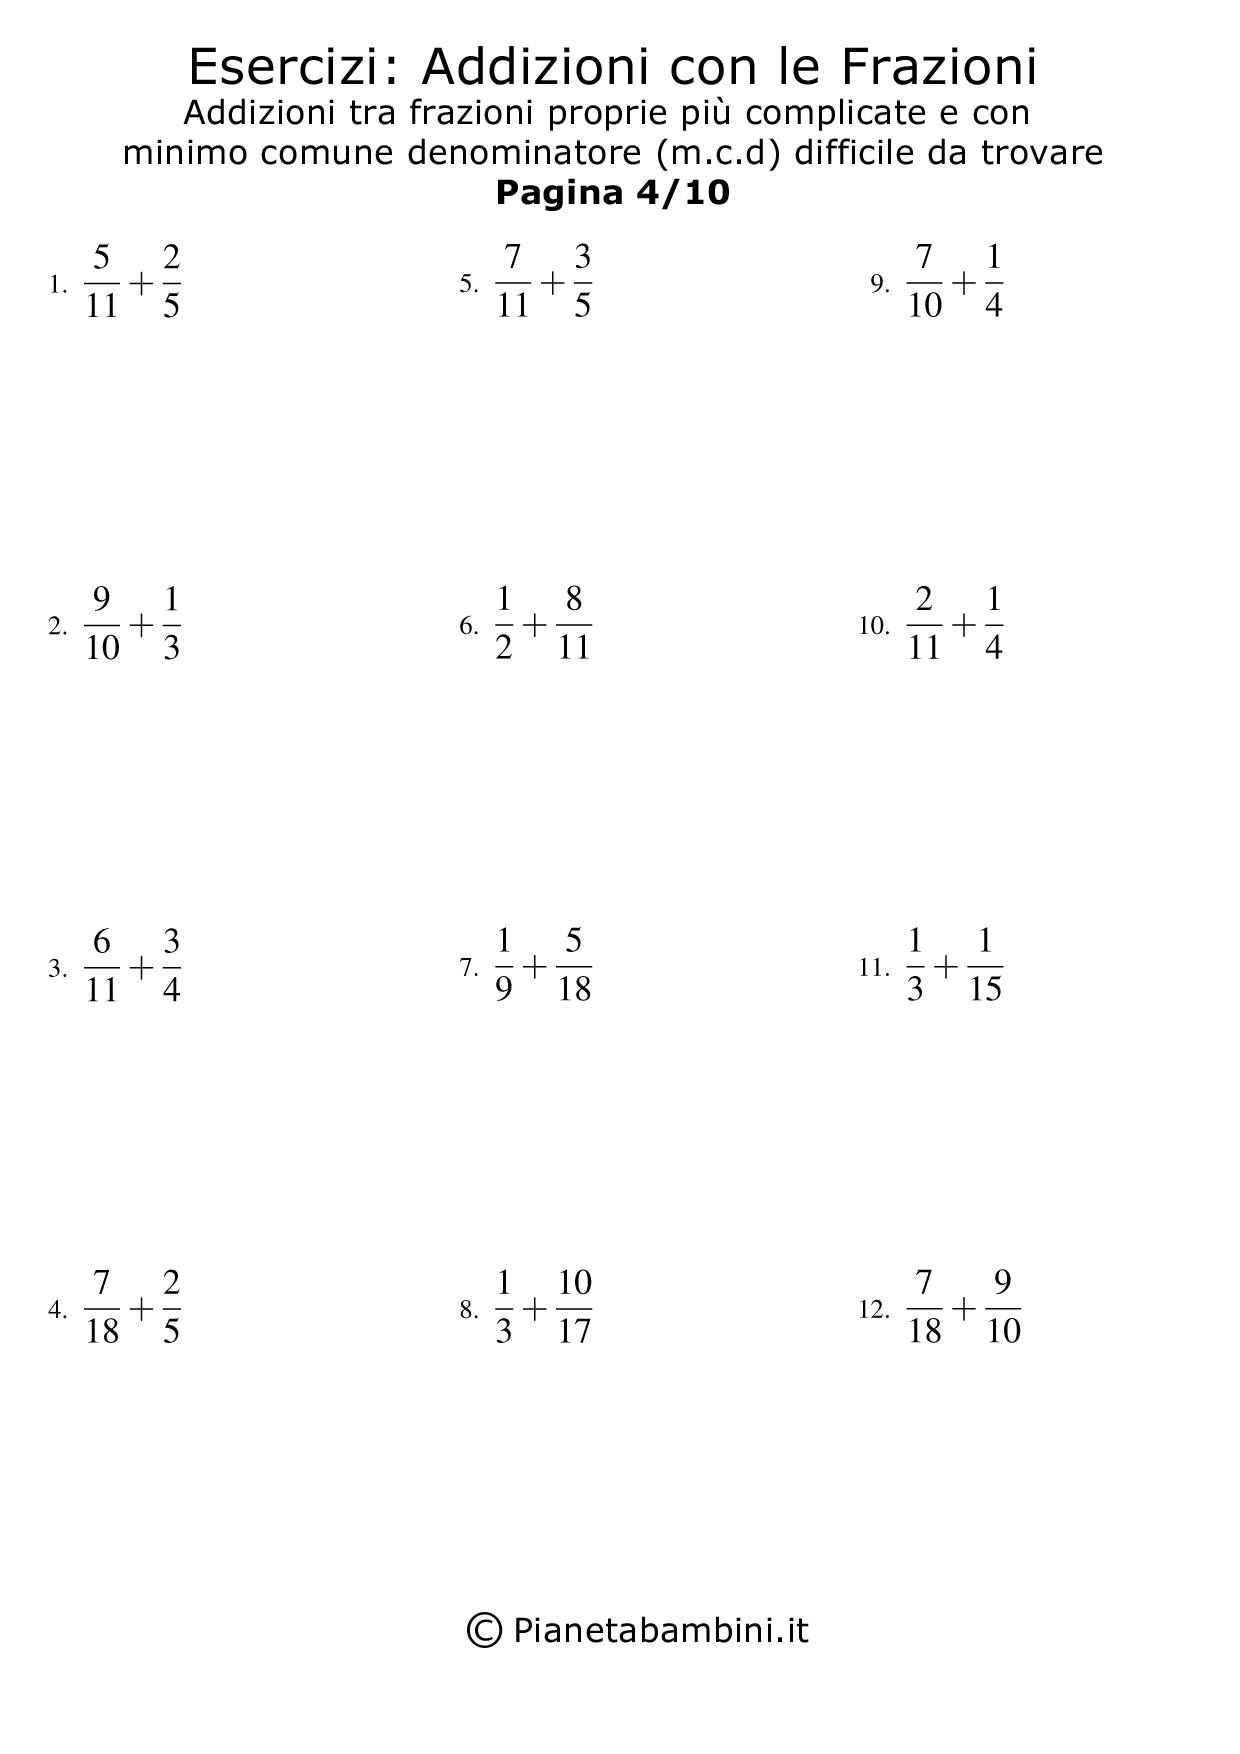 Frazioni-Difficili-m.c.d-difficile_04